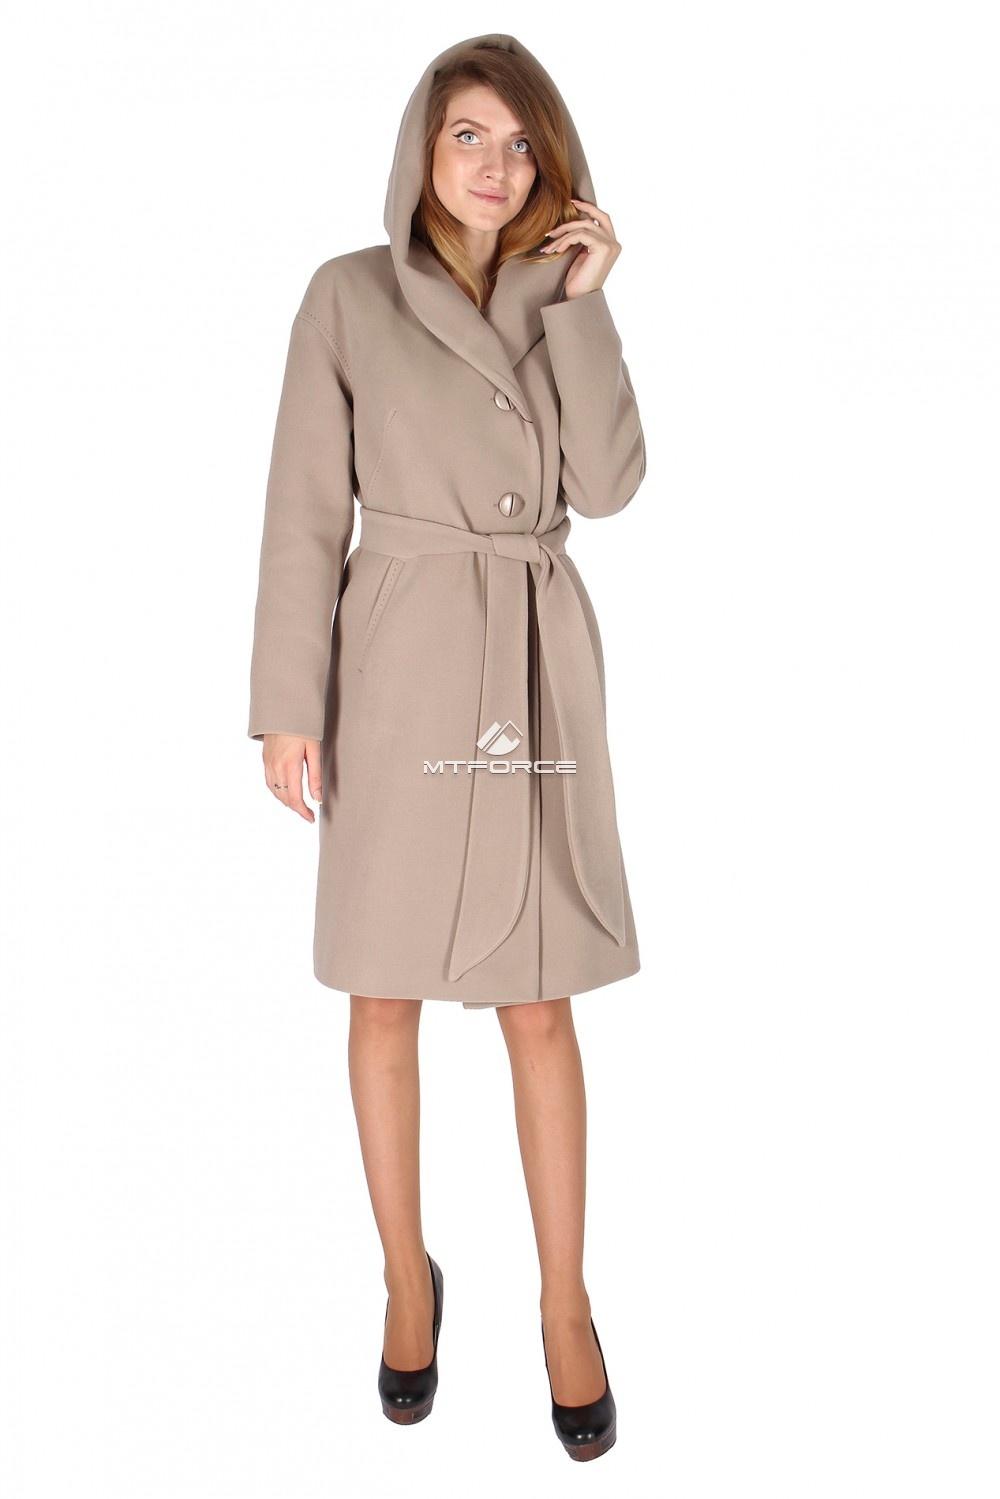 Купить                                  оптом Пальто женское бежевого цвета 15249B в Новосибирске